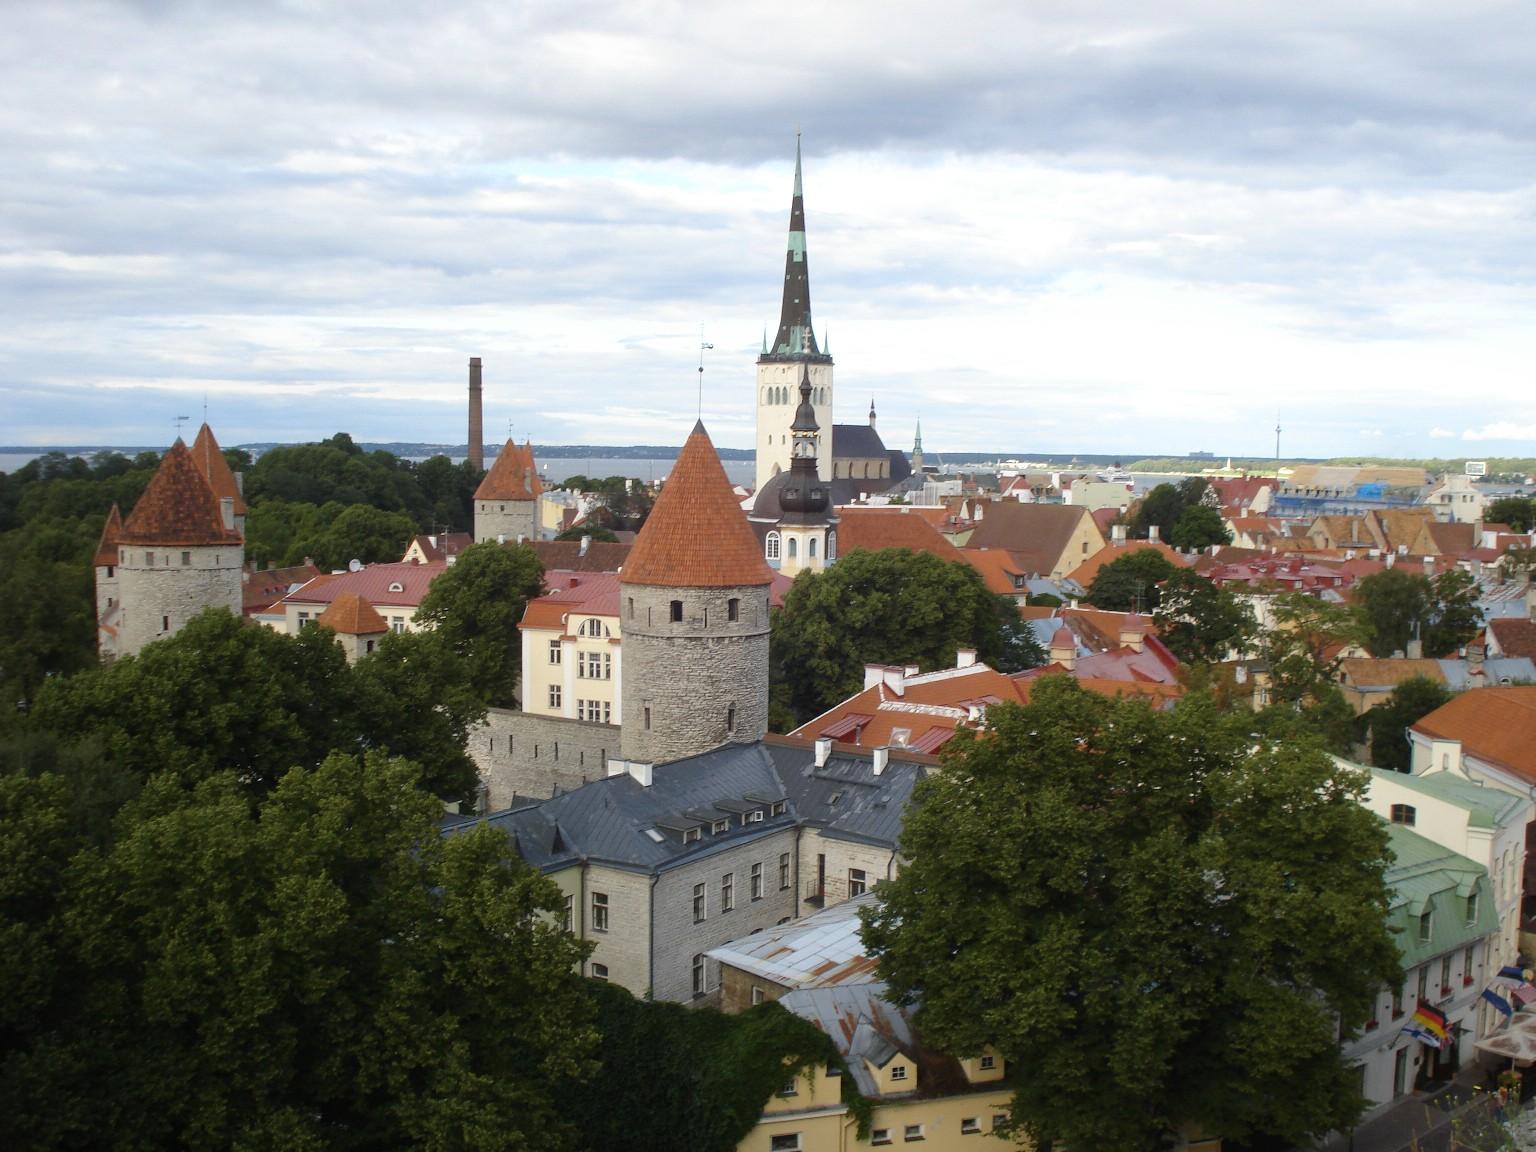 Blick auf Tallinn vom Burgberg aus.